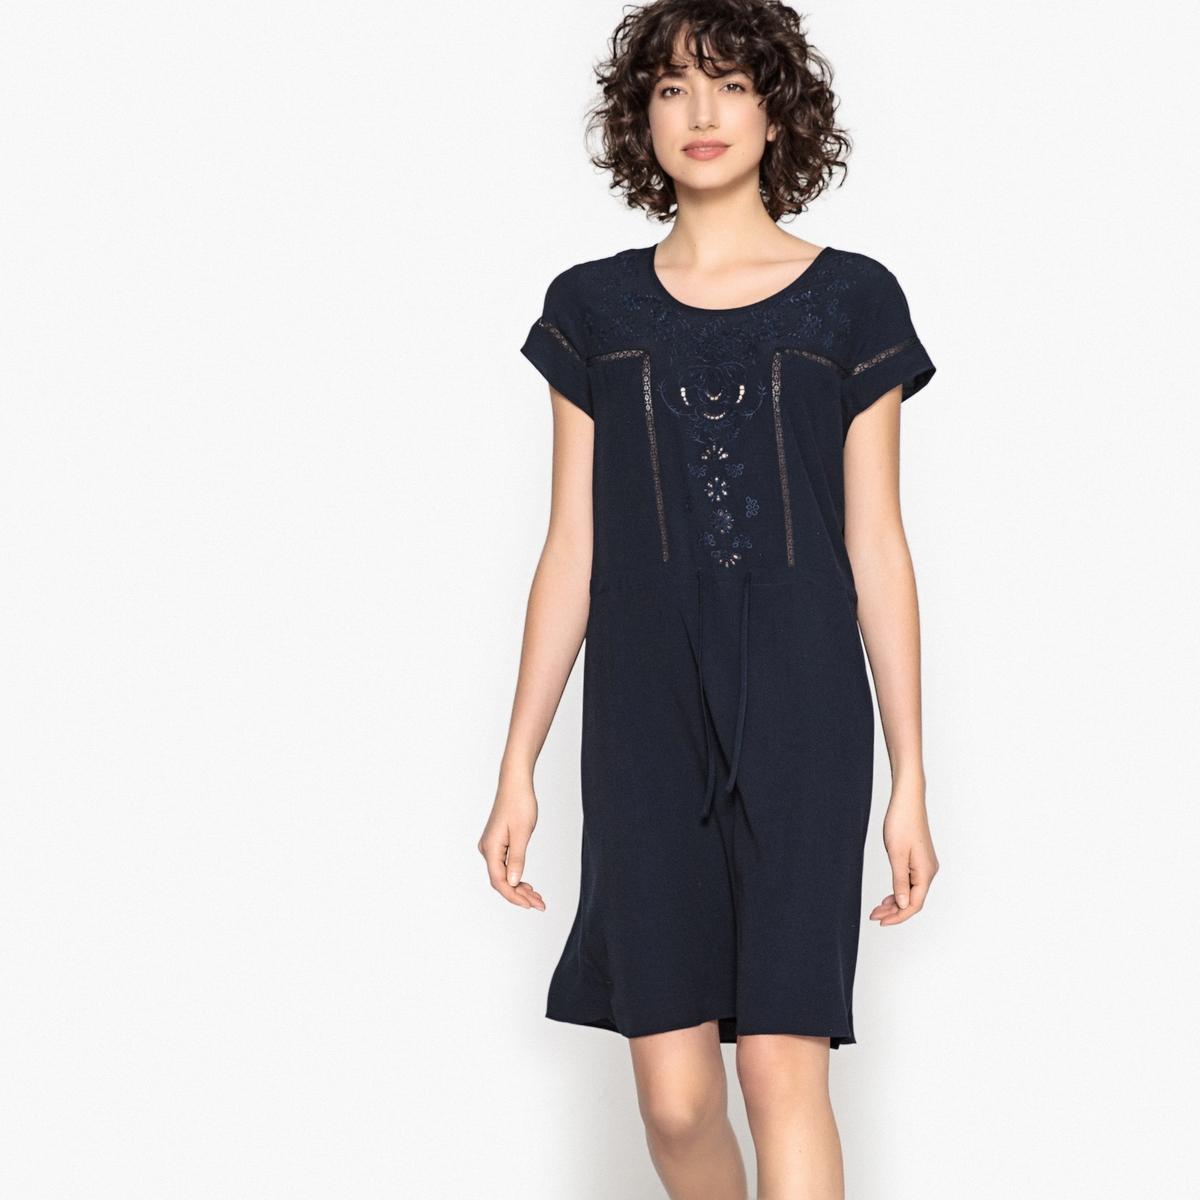 Платье с короткими рукавами  ROPLANTEОписание:Детали •  Форма : прямая •  Укороченная модель •  Короткие рукава    •  Круглый вырезСостав и уход •  100% вискоза •  Следуйте советам по уходу, указанным на этикетке<br><br>Цвет: темно-синий<br>Размер: M.S